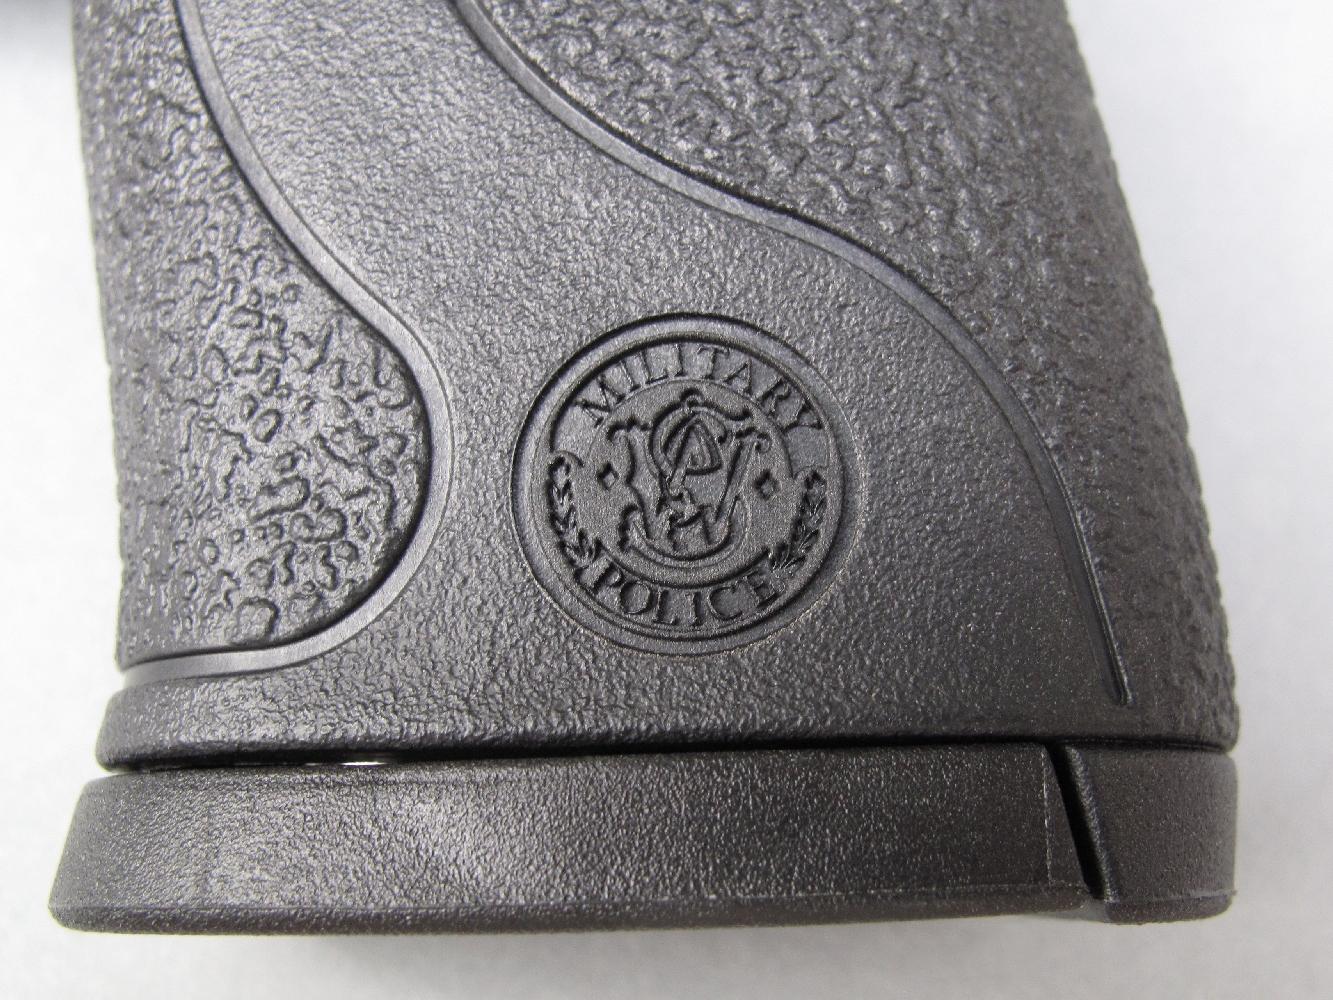 Le sigle de la firme américaine, entouré par le nom générique du modèle, est moulé de chaque côté de la poignée en polymère.